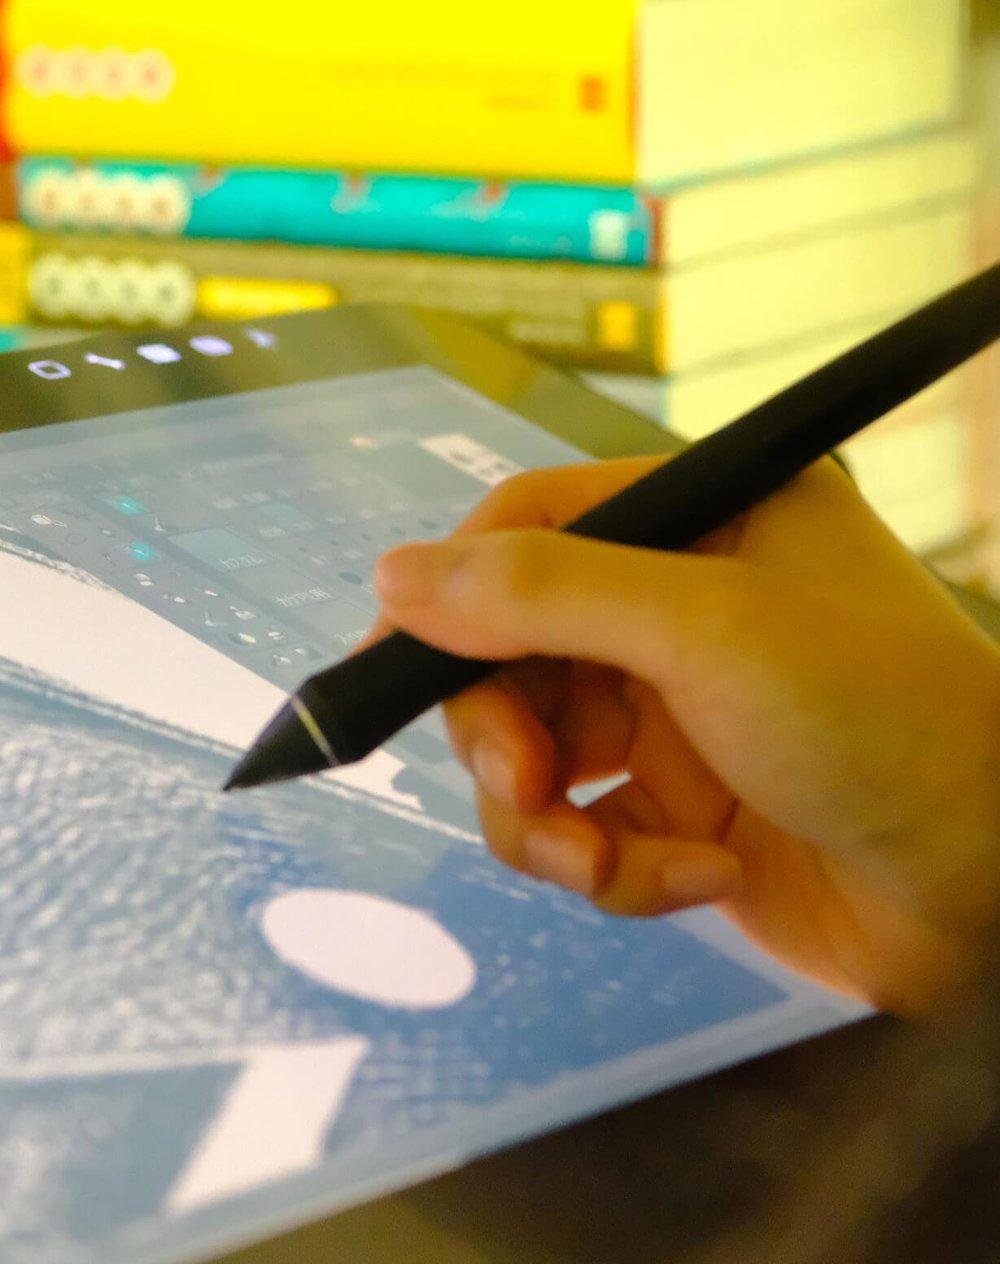 MANZEMI 4ヶ月でデビュー作を描く - 4ヶ月でデビュー作を描くことを目的としたマンガ講座。背景や建物の描き方を学ぶ「背景作画コース」と、ネームの描き方やストーリーについて学ぶ「ネーム講座」。